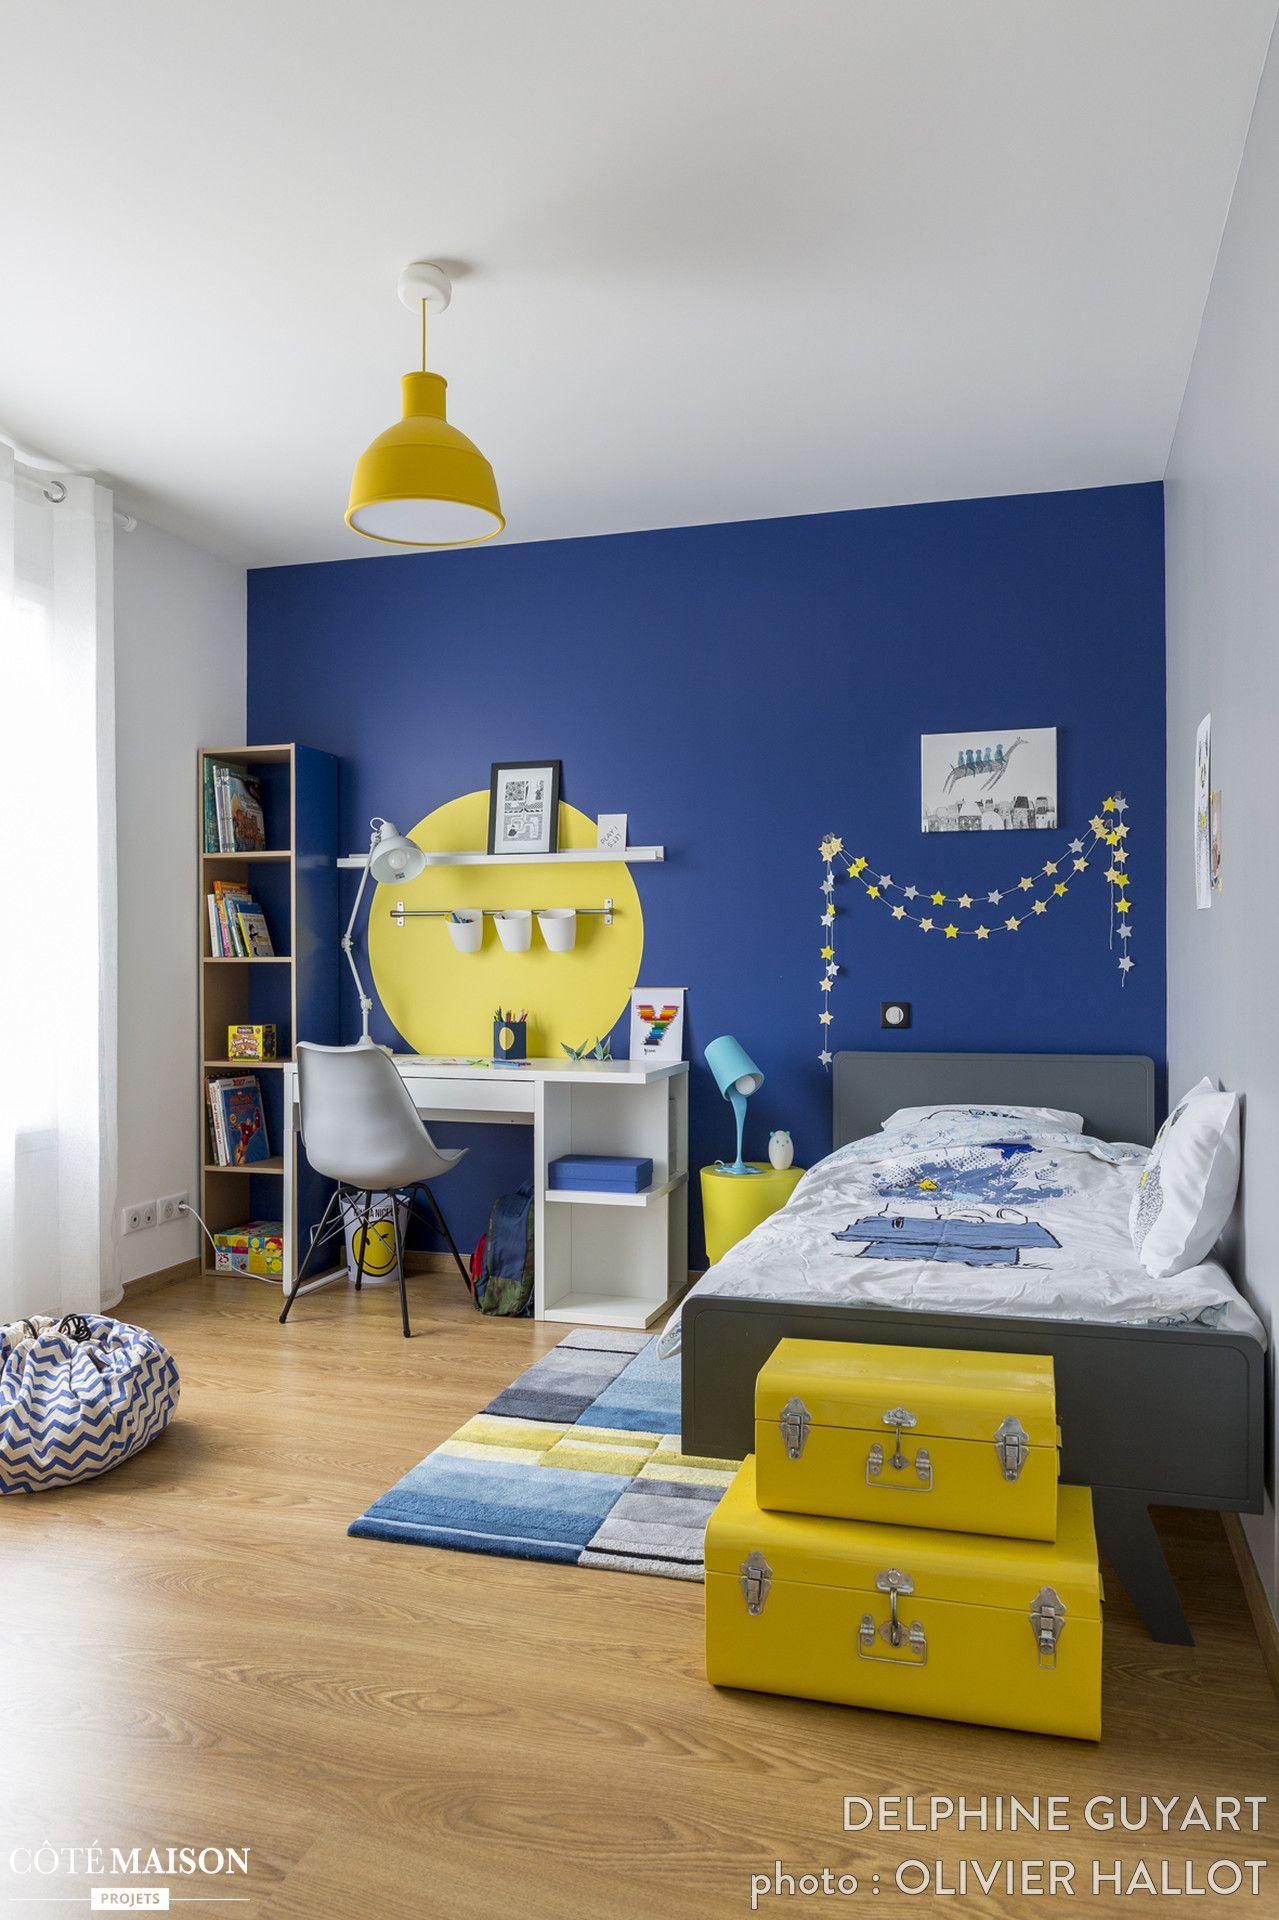 creation d ambiance pour la chambre d un garcon de 7 ans qui aime dessiner le bleu et le jaune